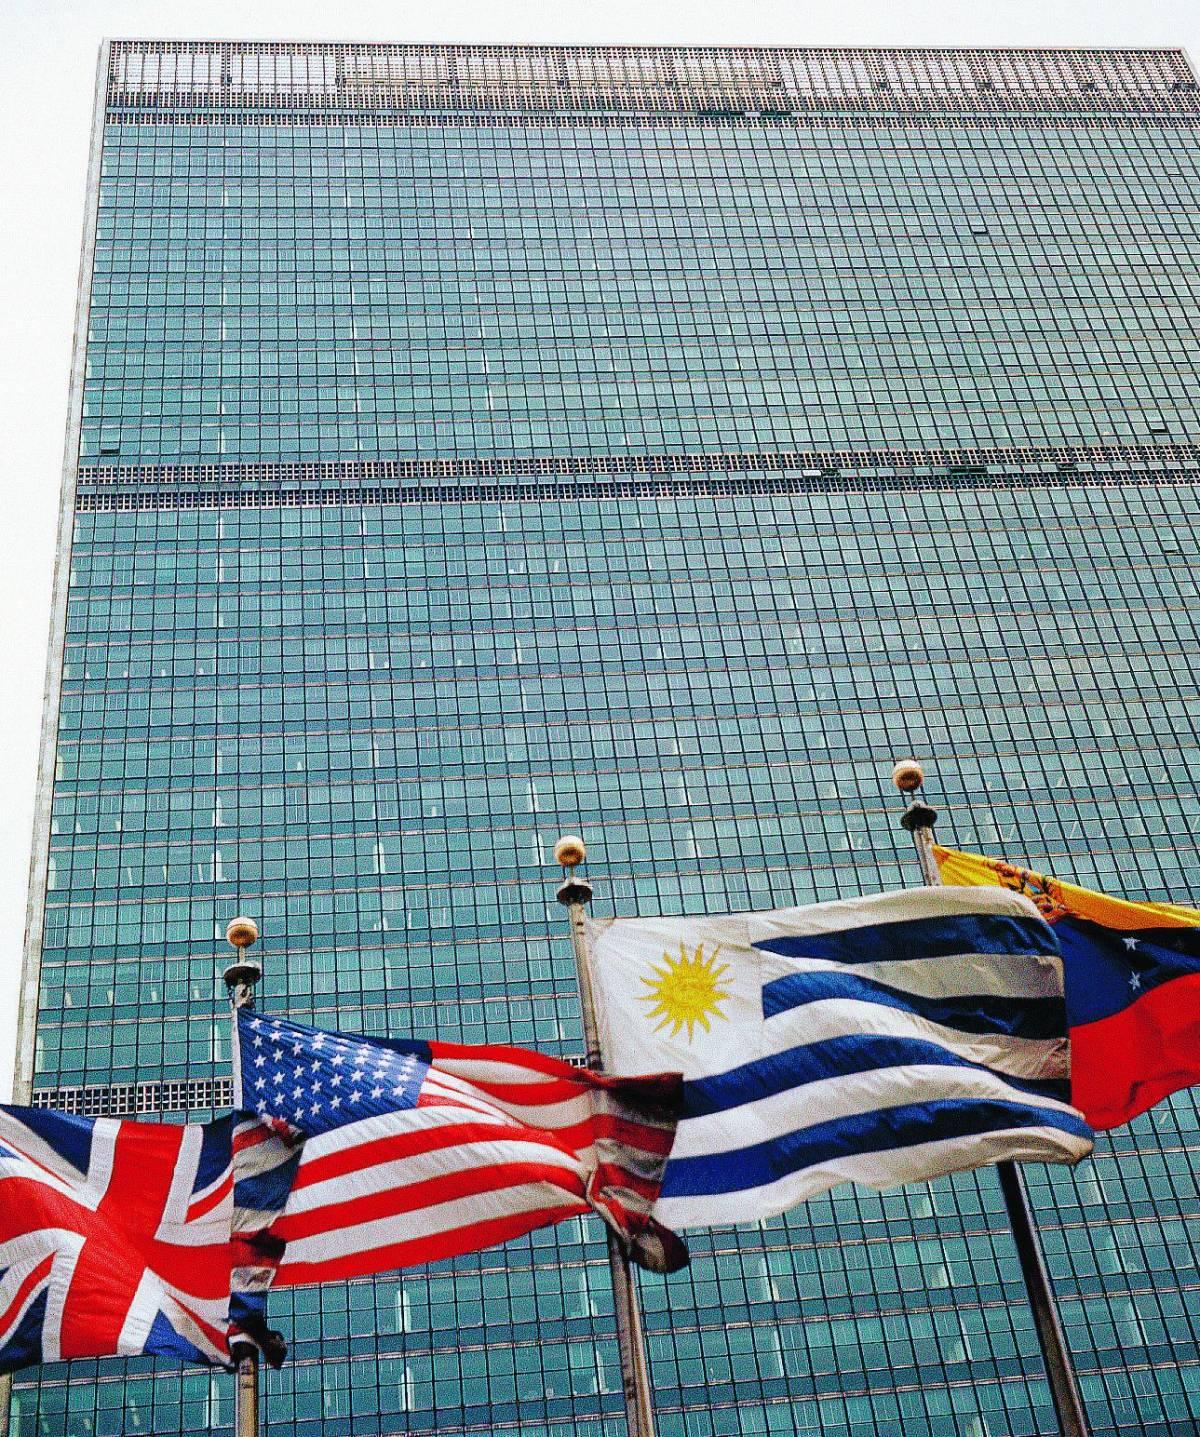 Allarme a New York: trovate armi chimiche nel Palazzo dell'Onu